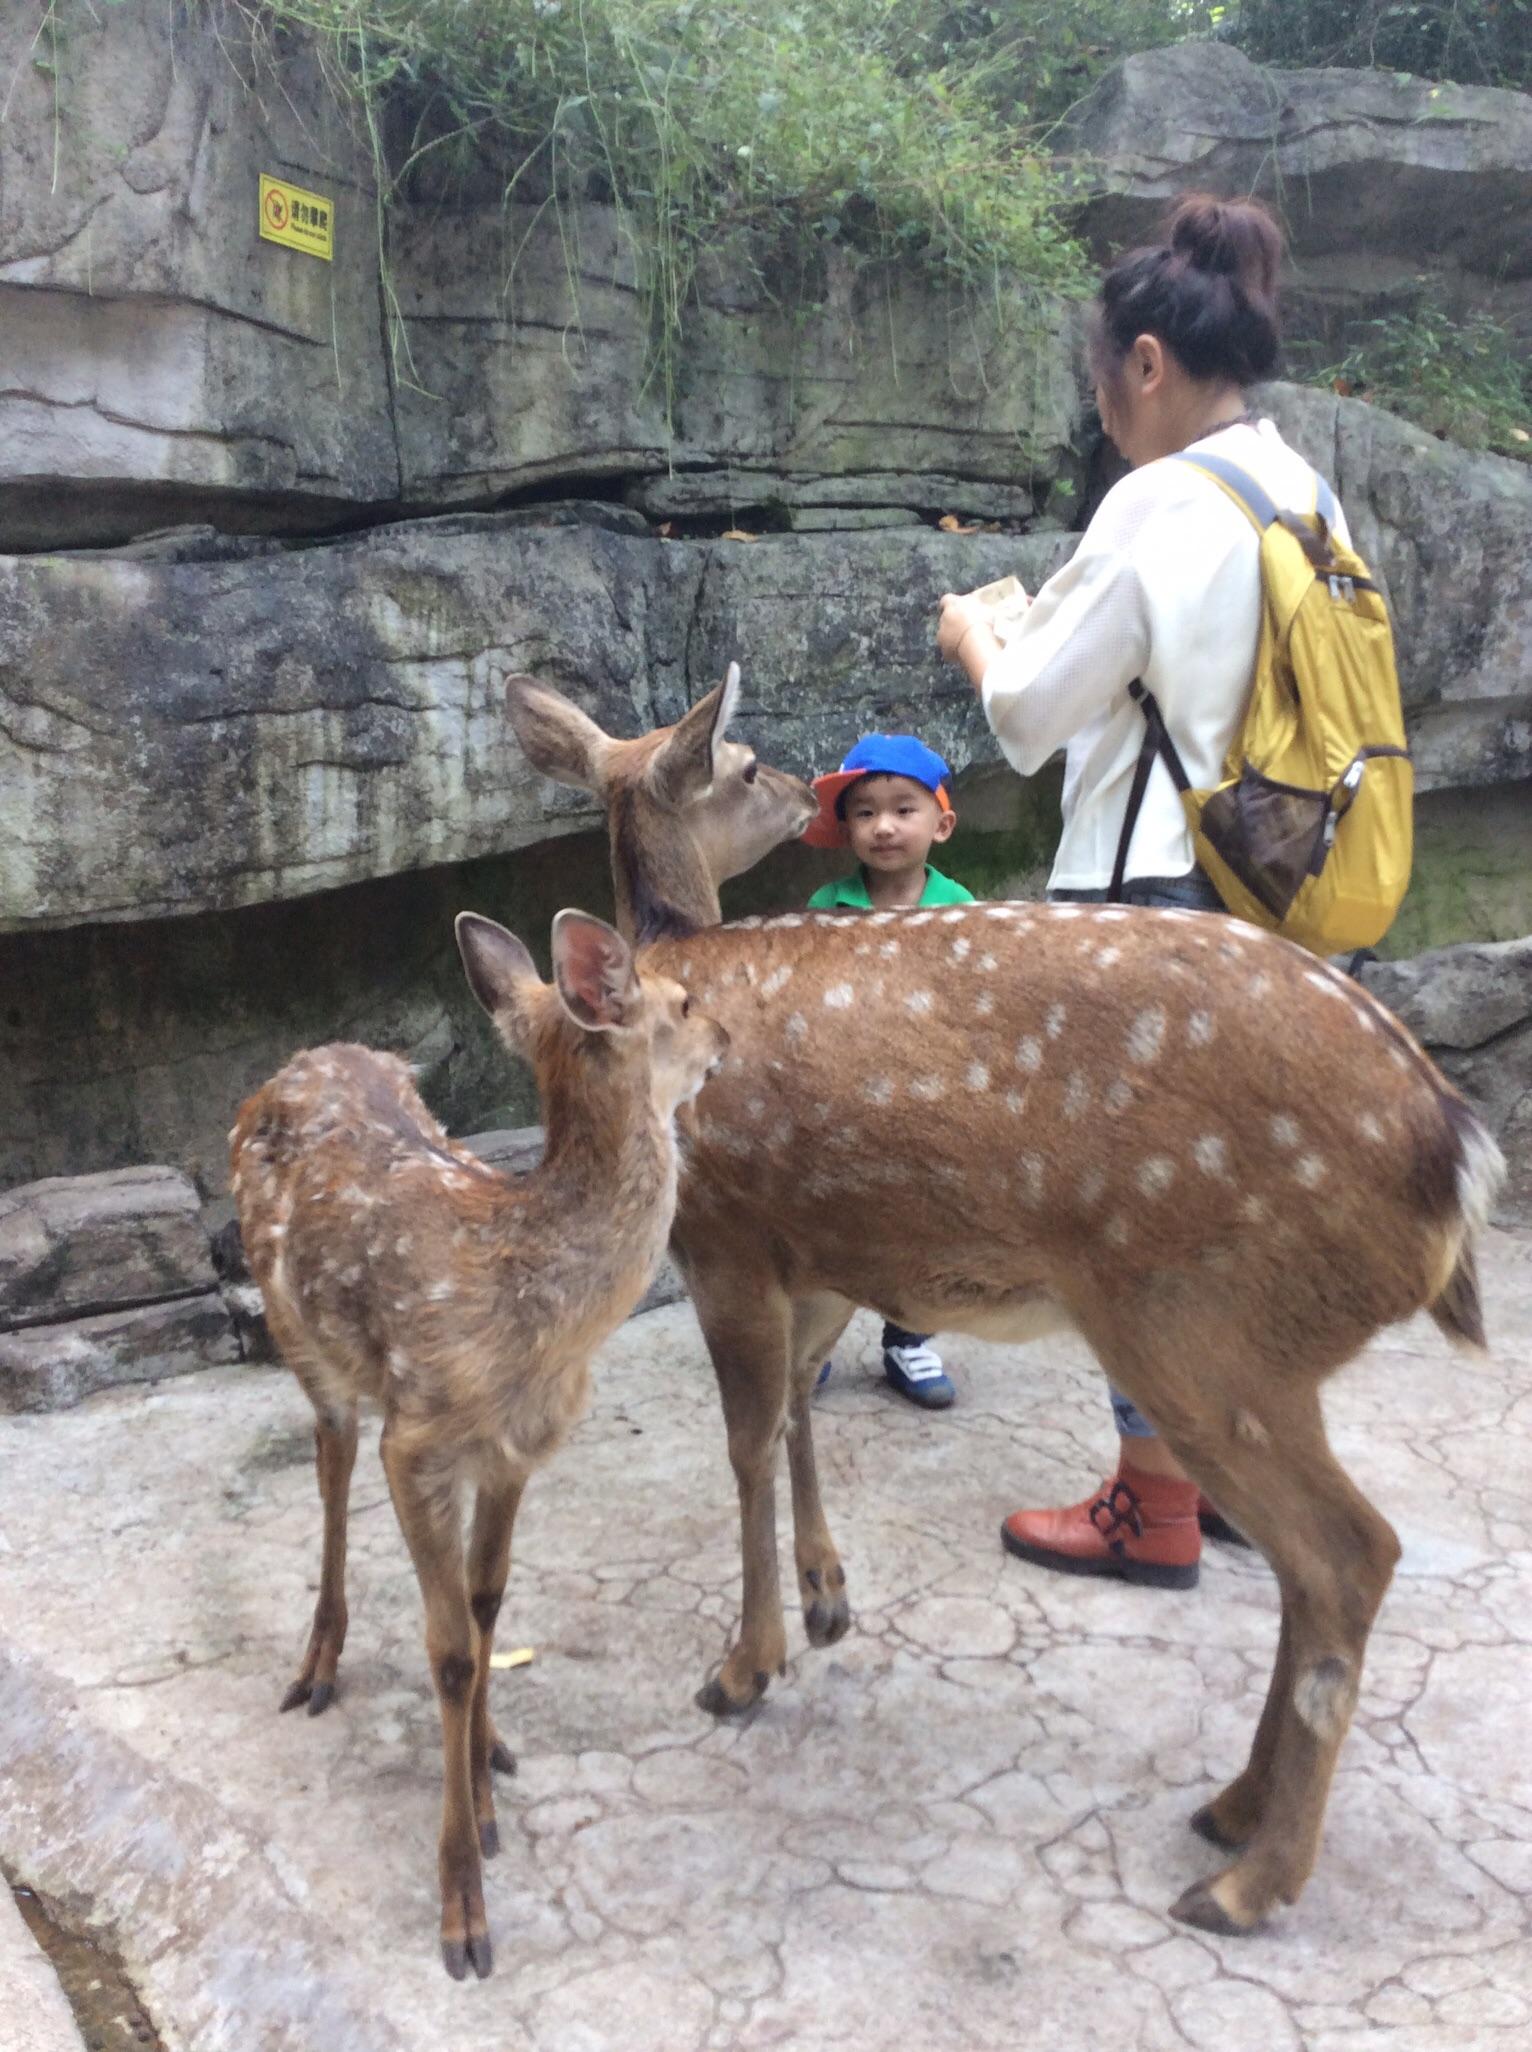 风景很好空气清新;尤其野生动物区与动物近距离接触,孩子给动物喂食